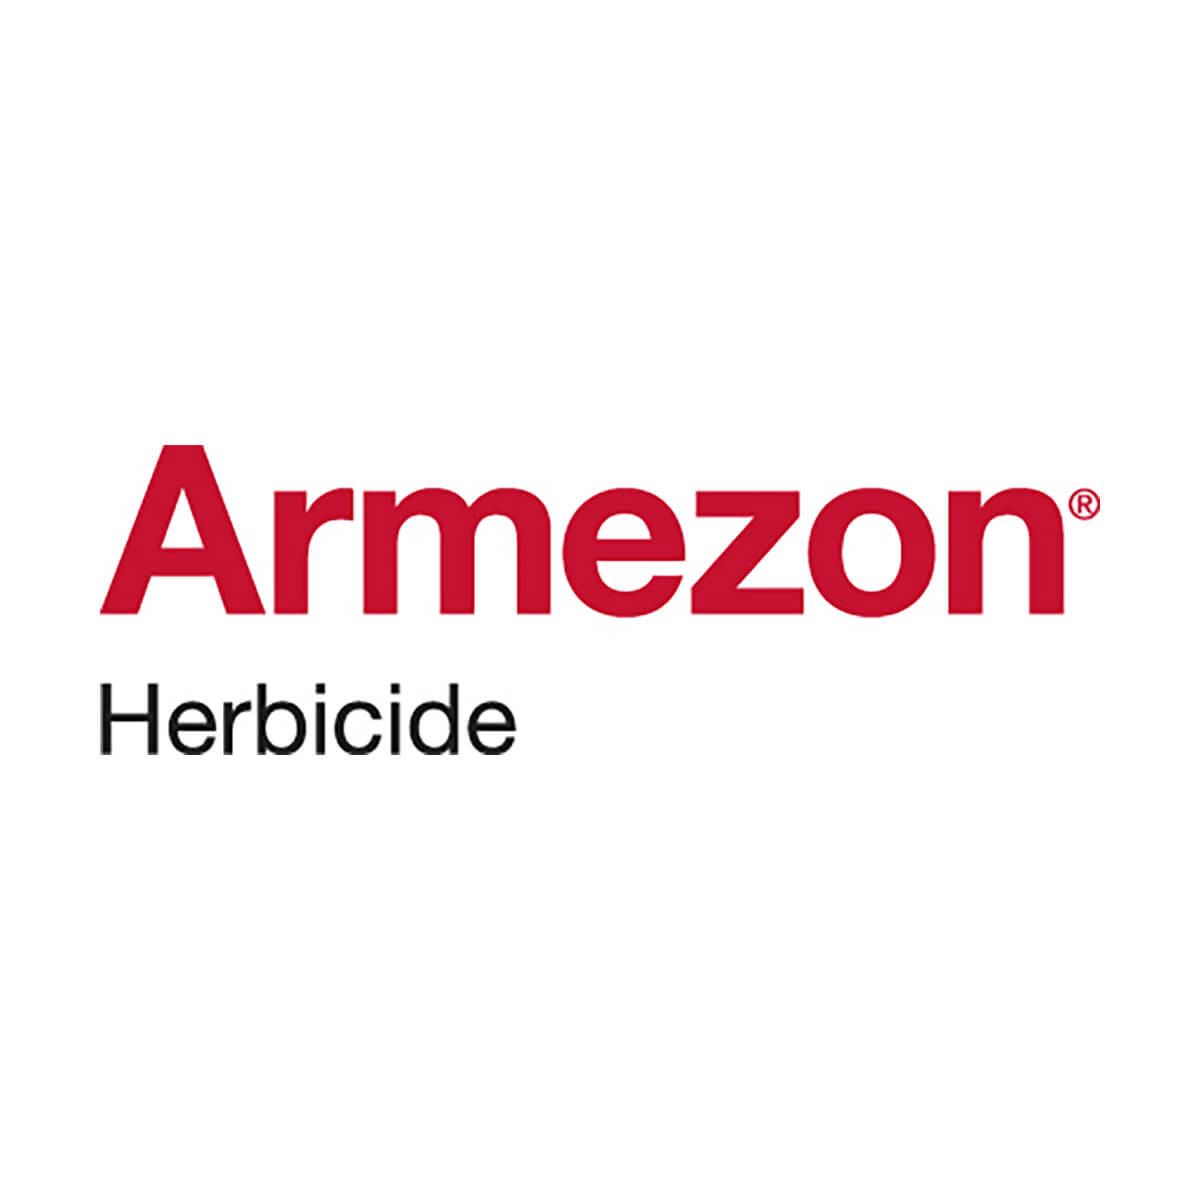 Armezon® Herbicide - 600 ml Jug